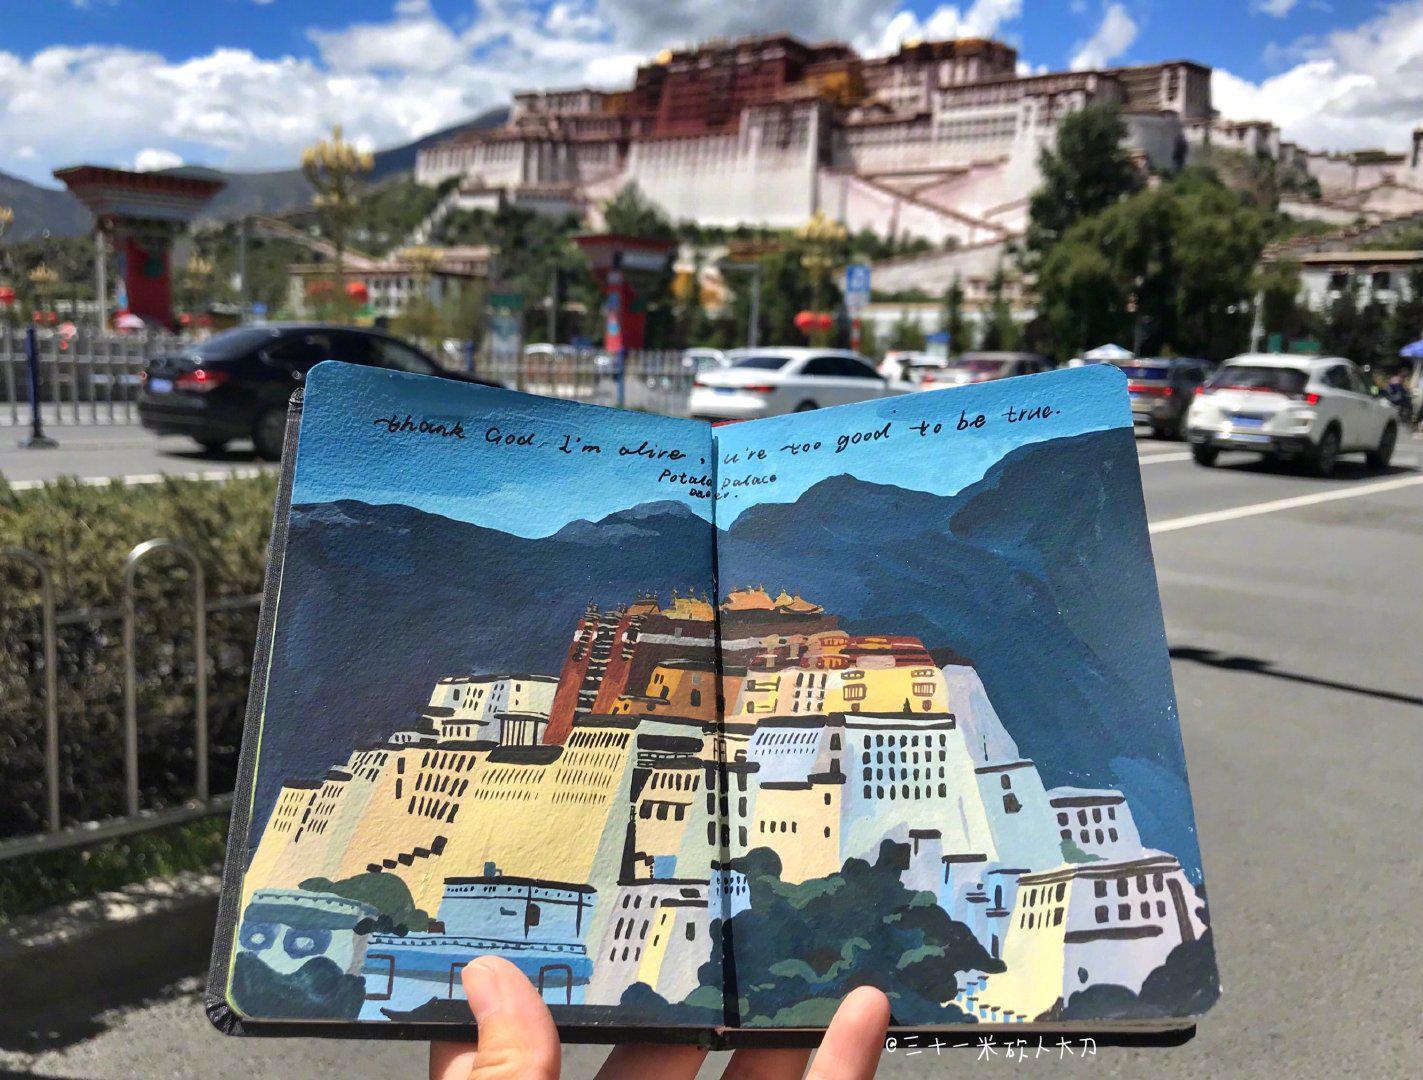 青藏高原这块土地上,藏着许多神奇故事与美好信仰